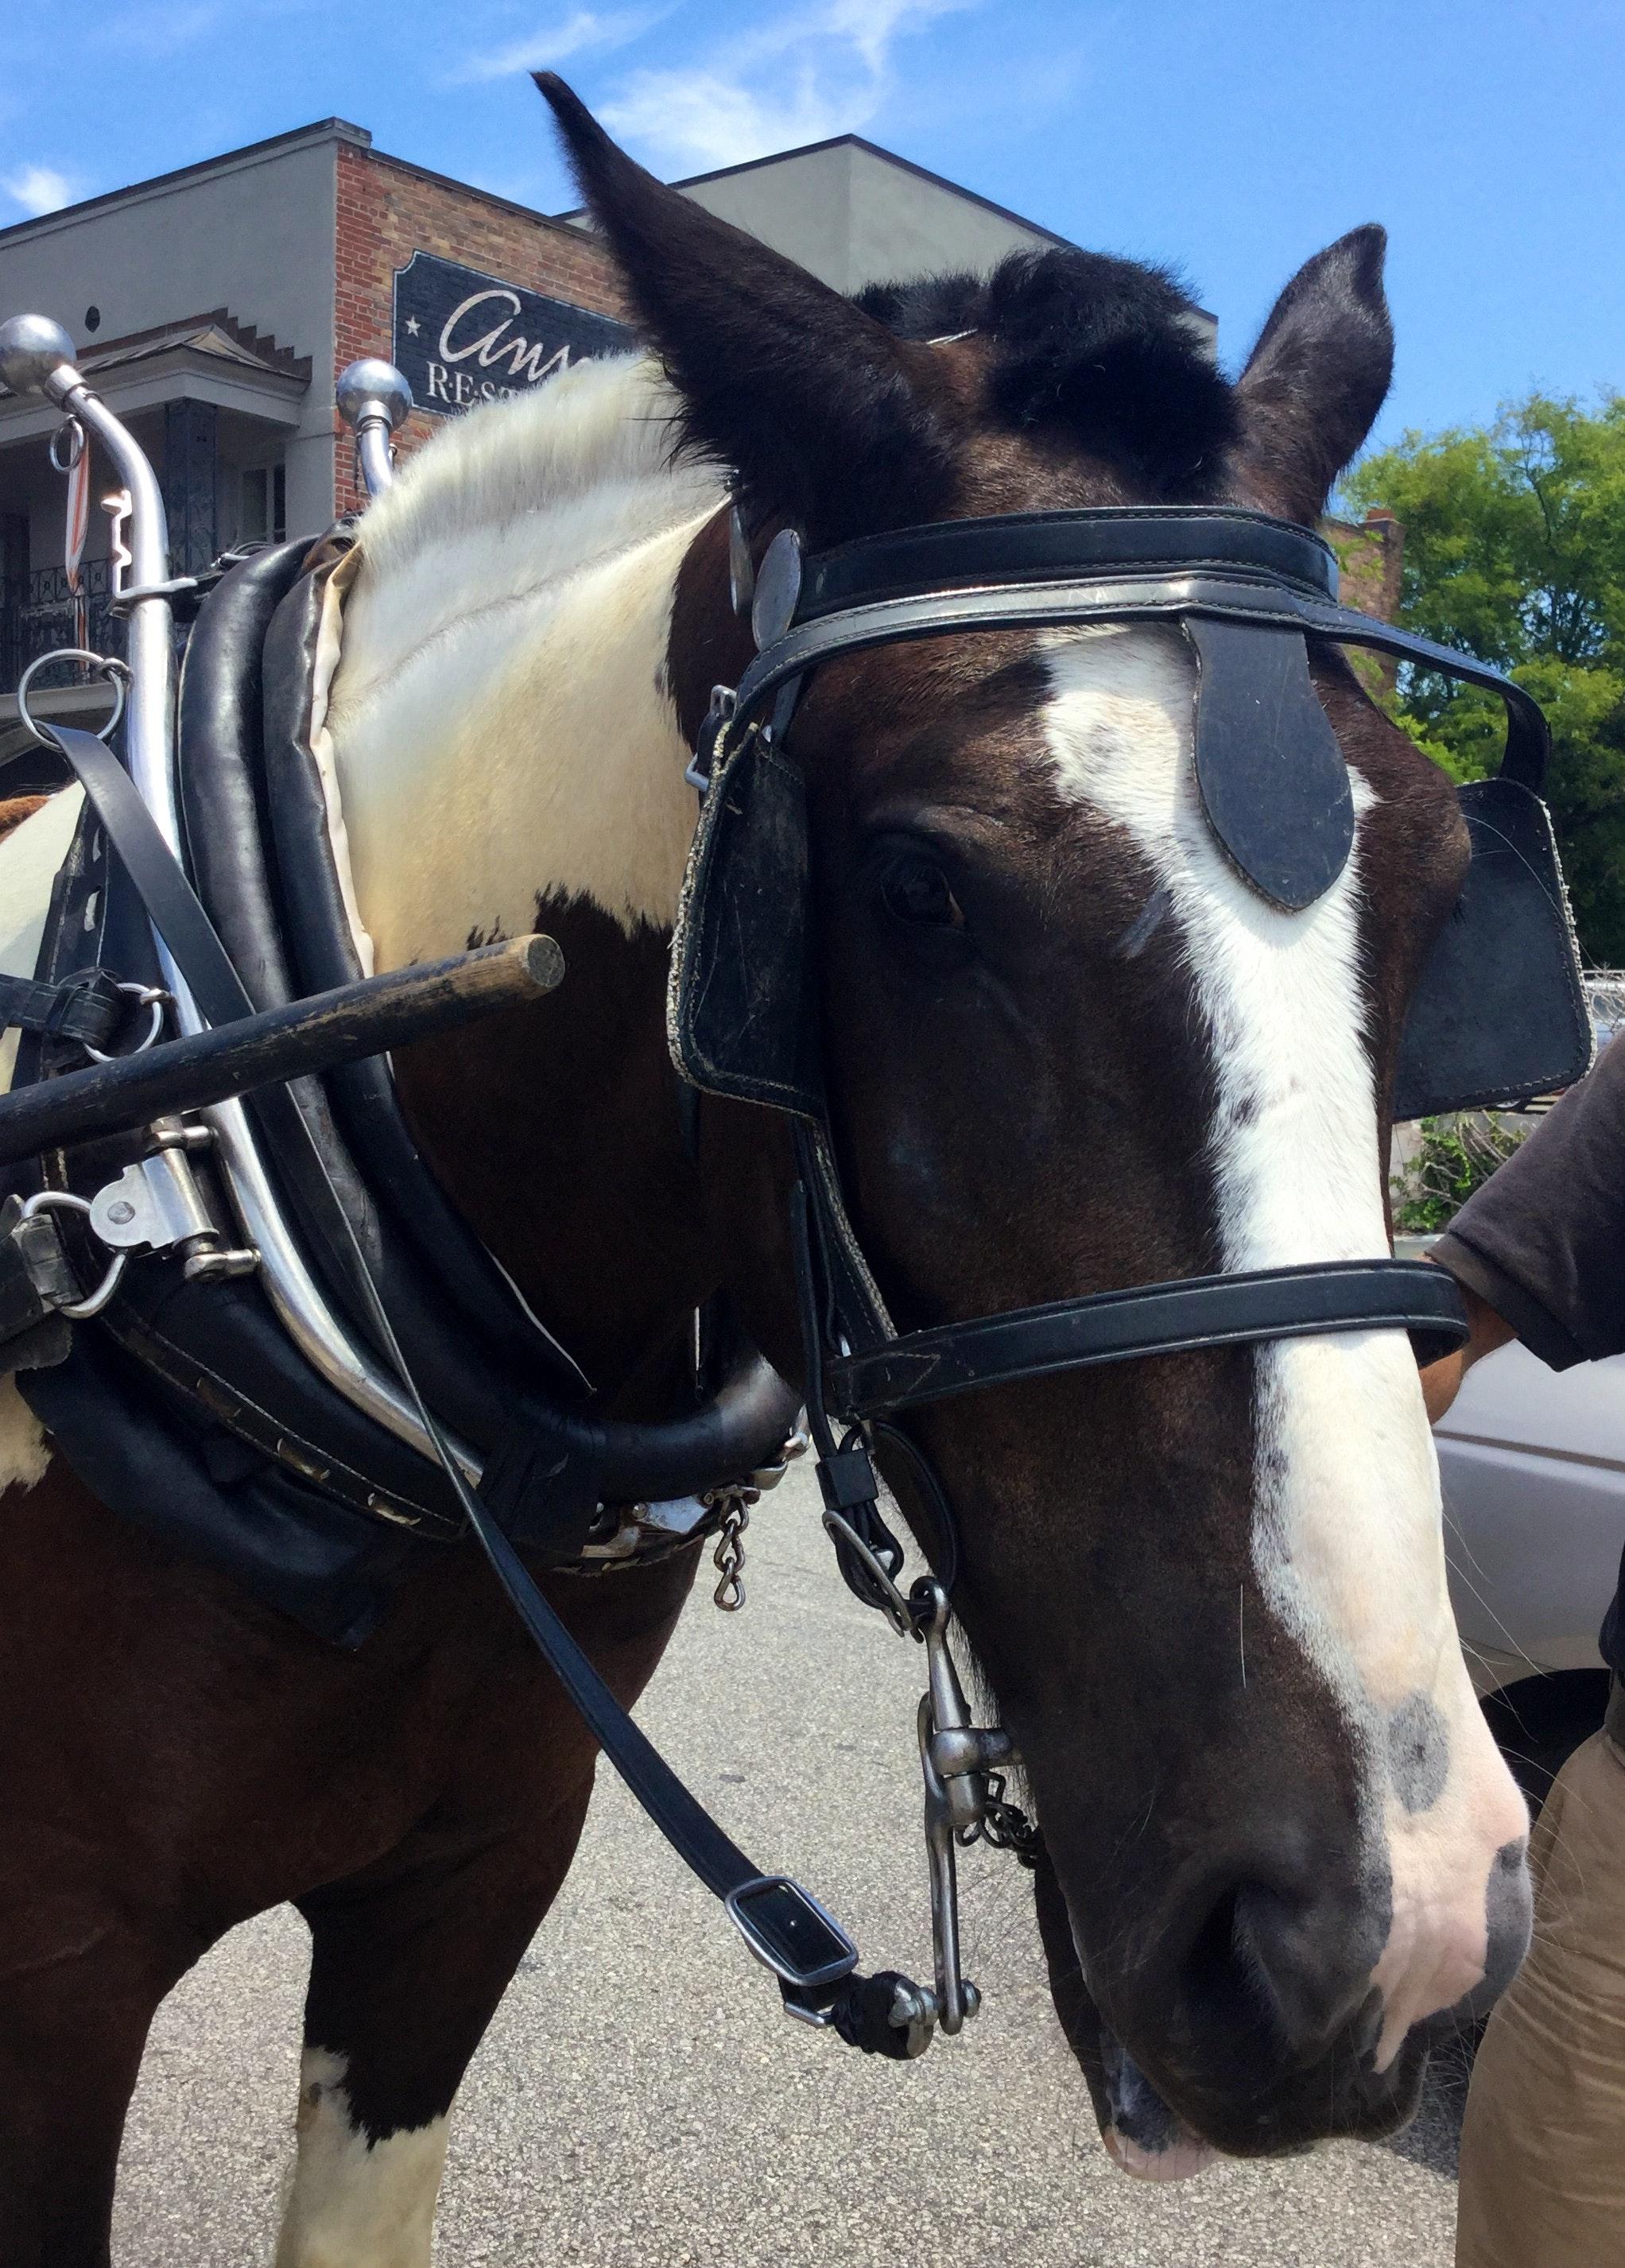 Picasso, Carolina Carriage Horse